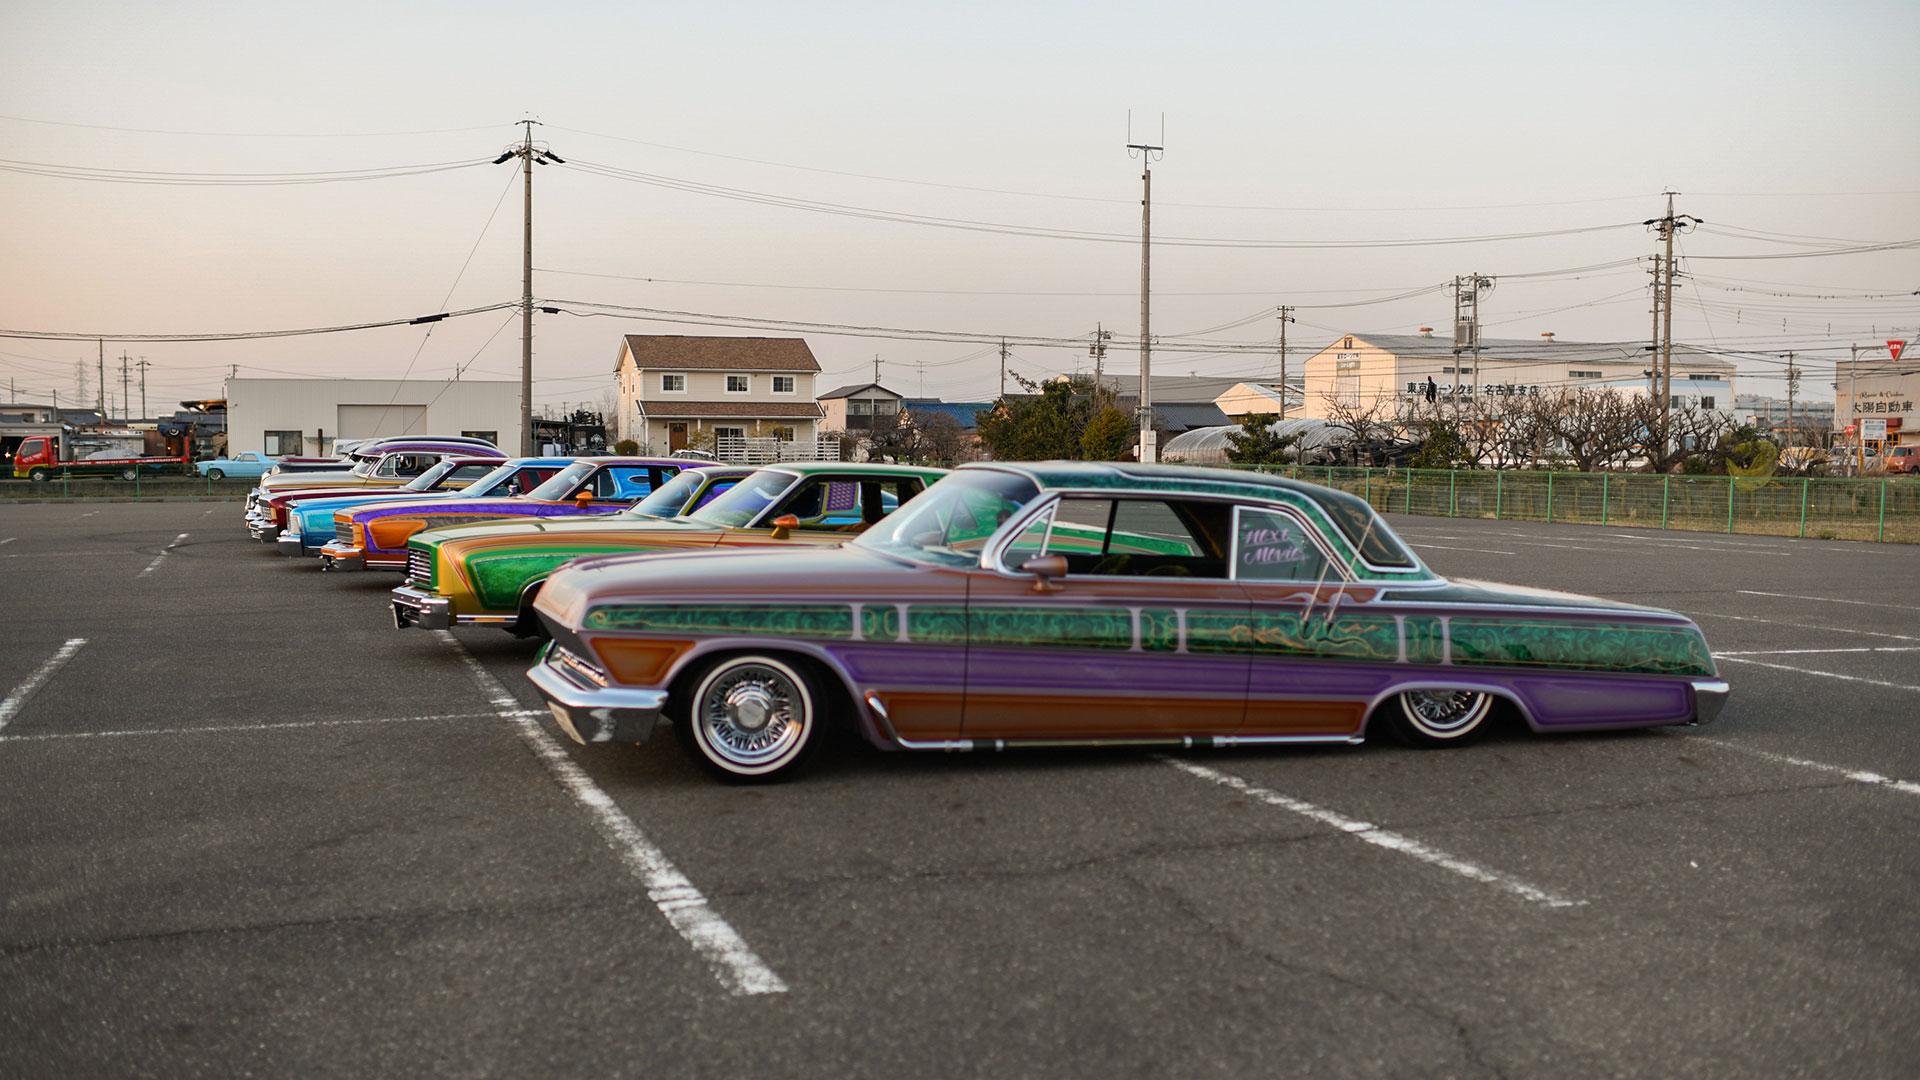 Un grupo de autos lowrider en un estacionamiento adyacente a la tienda de autos Cholos en Nagoya (The New York Times)